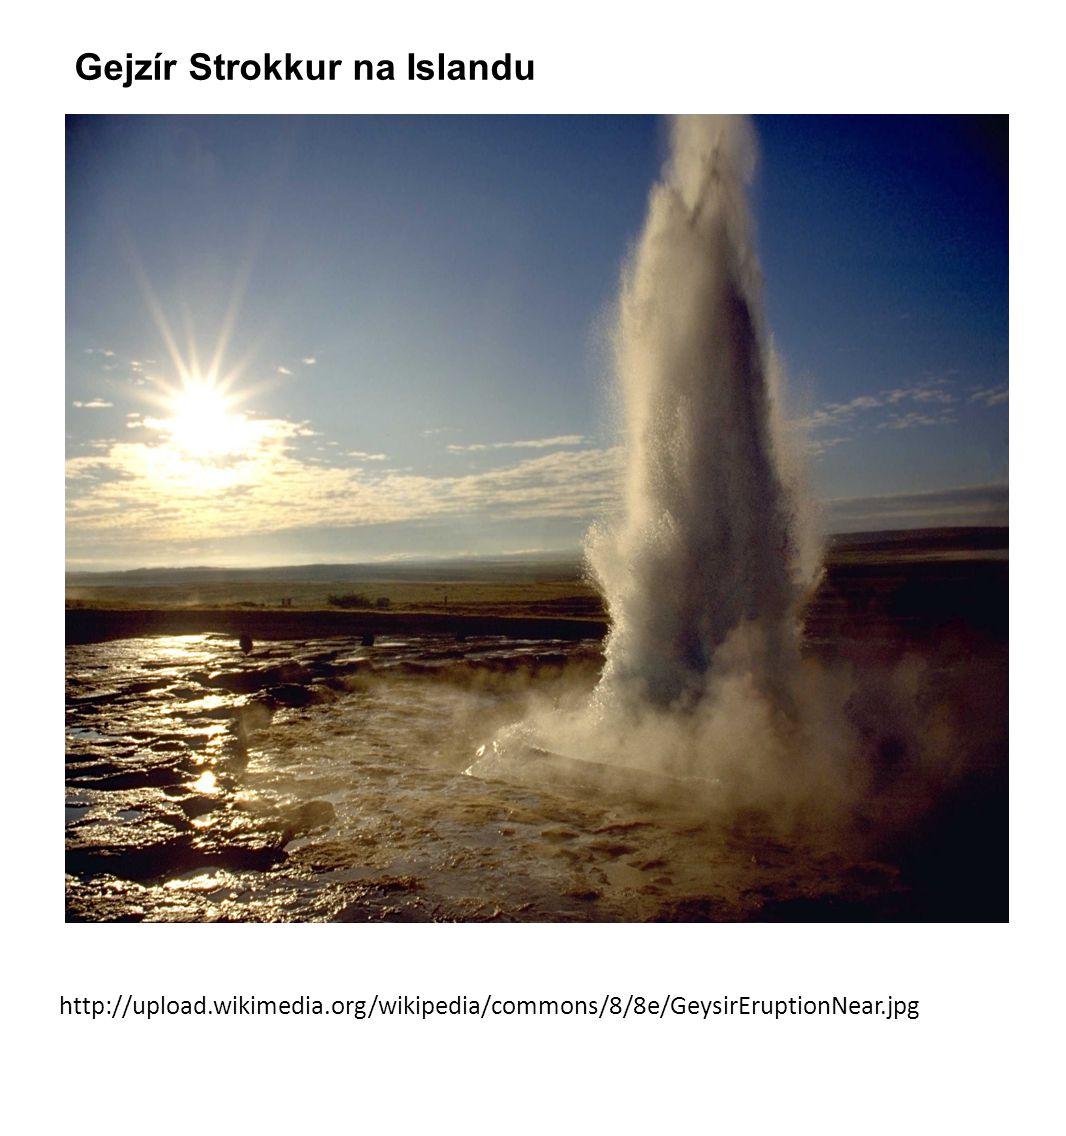 Gejzír Strokkur na Islandu